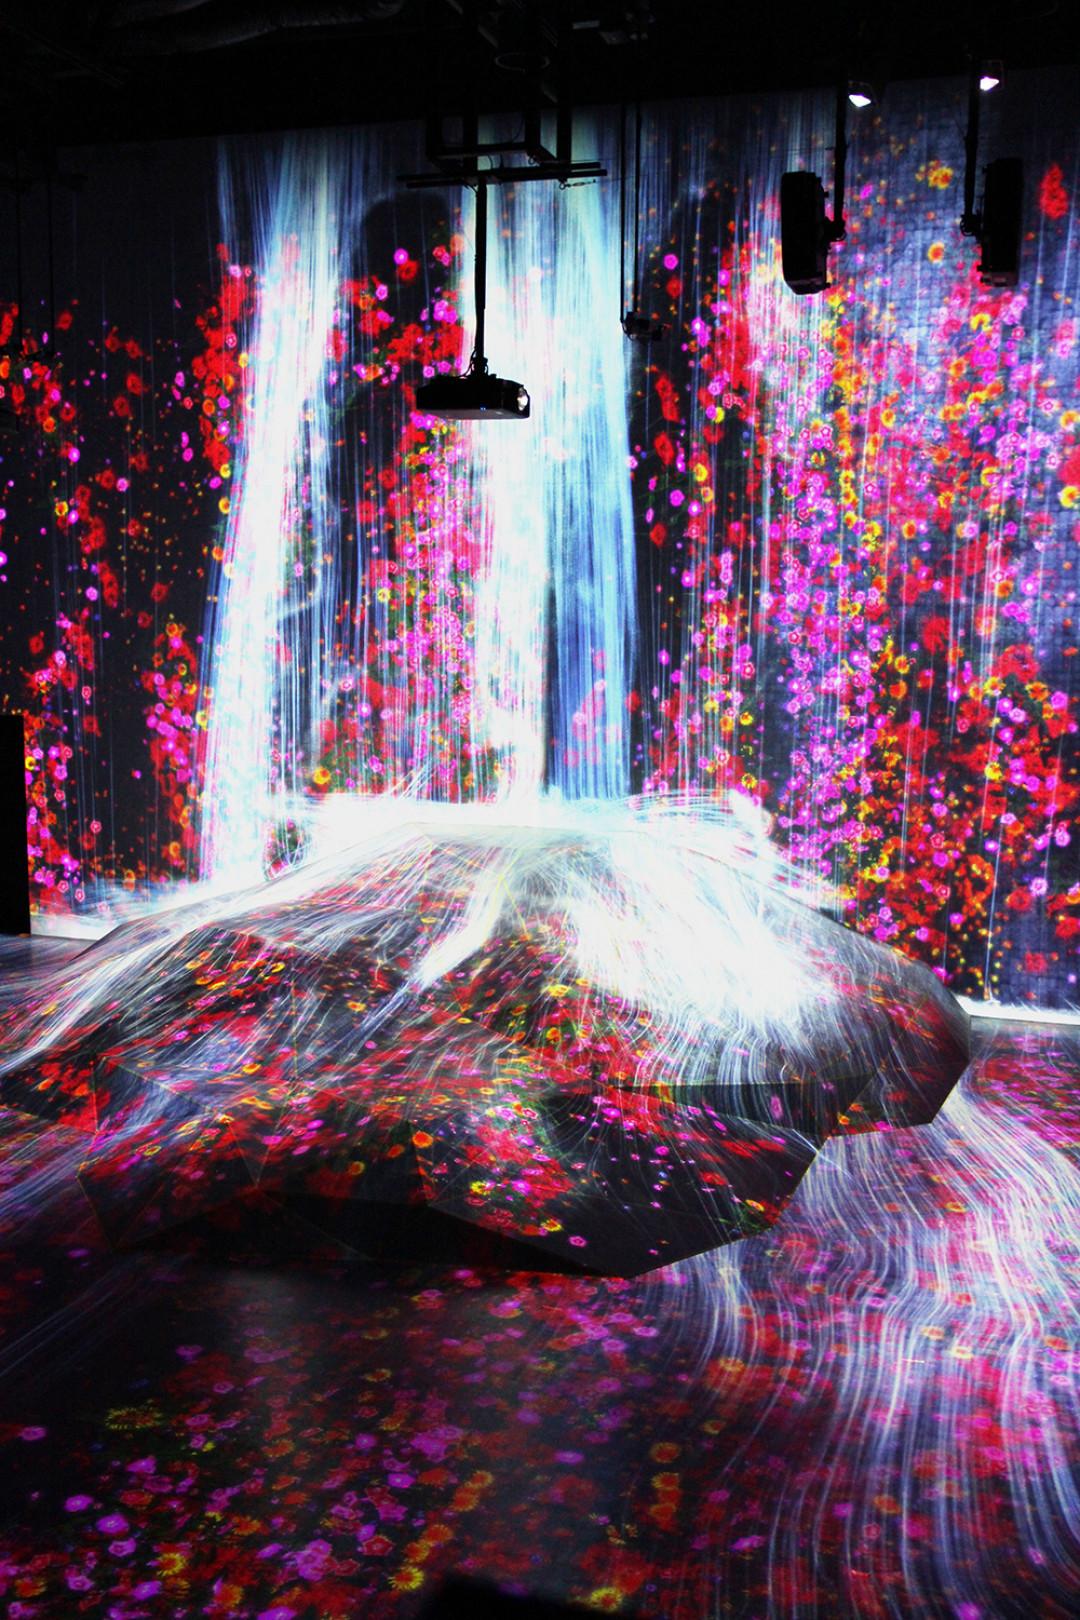 チームラボの世界初デジタルアートミュージアム「MORI Building DIGITAL ART MUSEUM: teamLab Borderless」が6月お台場に開業